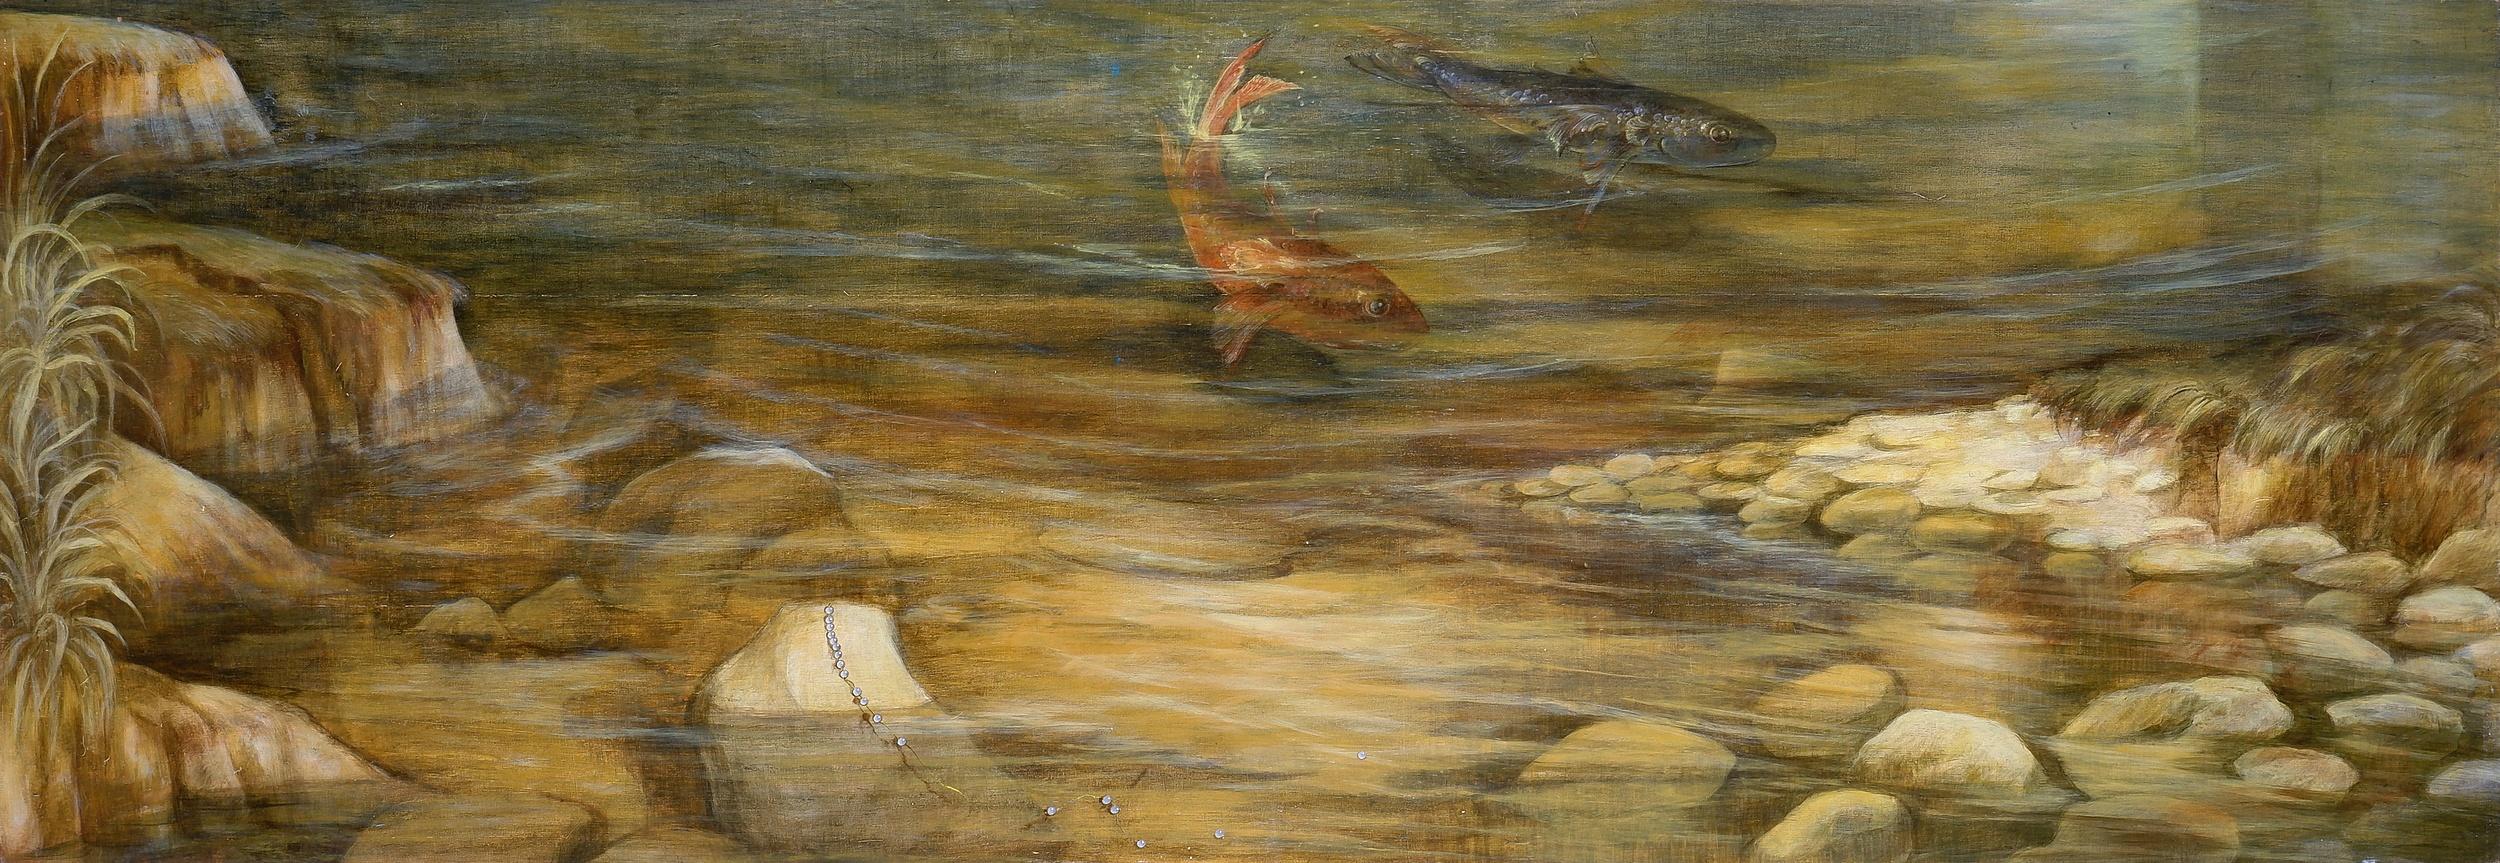 'Elisabeth Kruger (born 1955), Poisson le Mien 1990, Gouache and Acrylic on Wood, 52 x 150 cm'